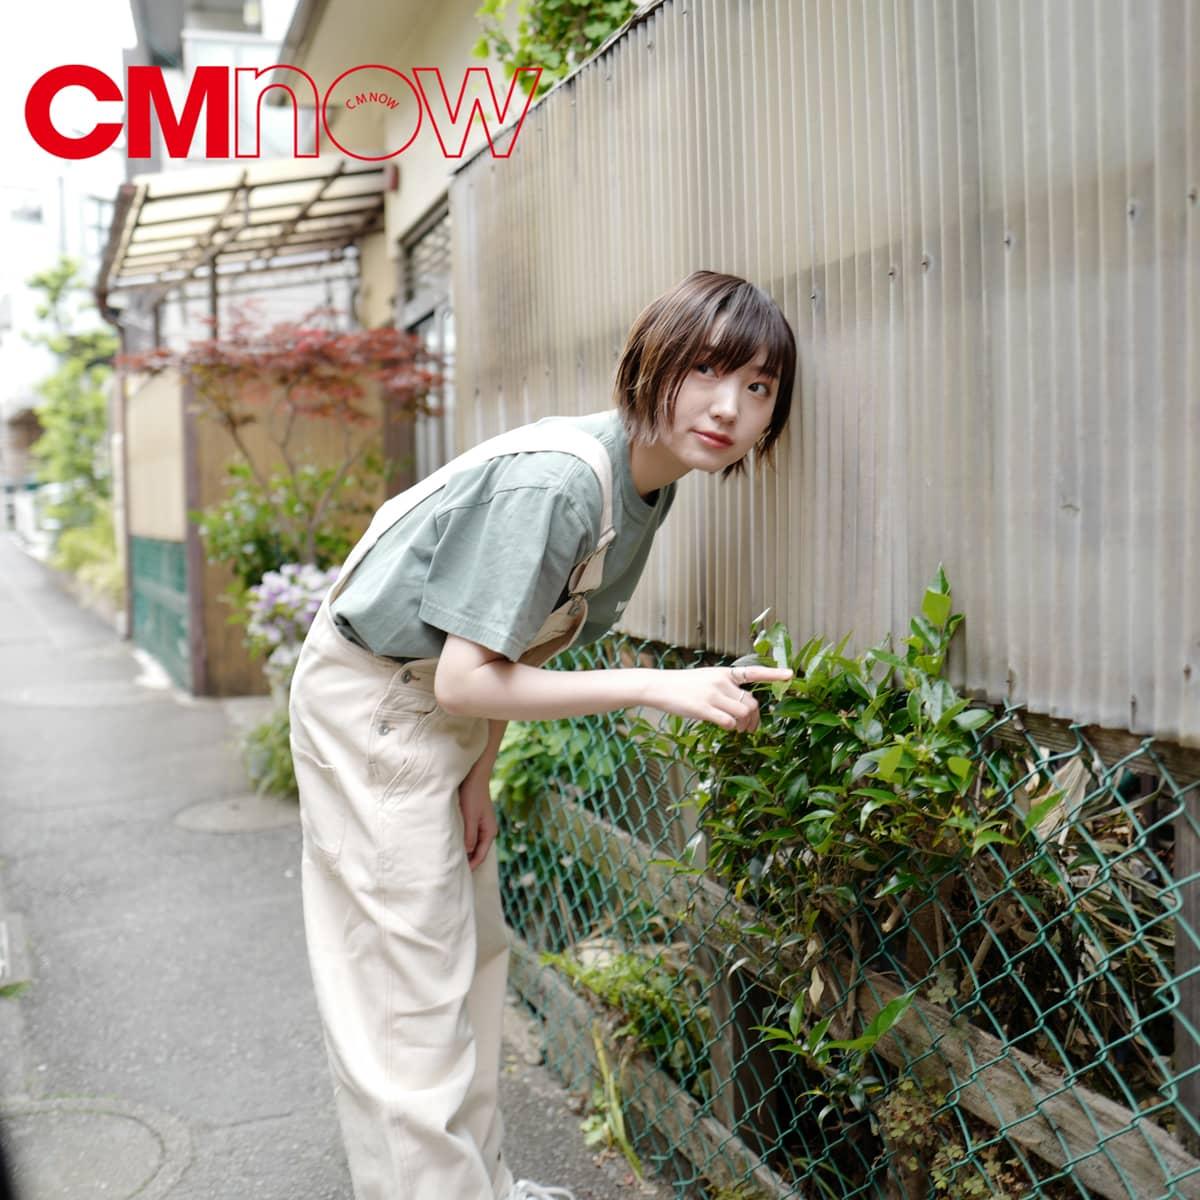 太田夢莉がショートカットコラムに登場!「CMNOW Vol.205」明日6/10発売!